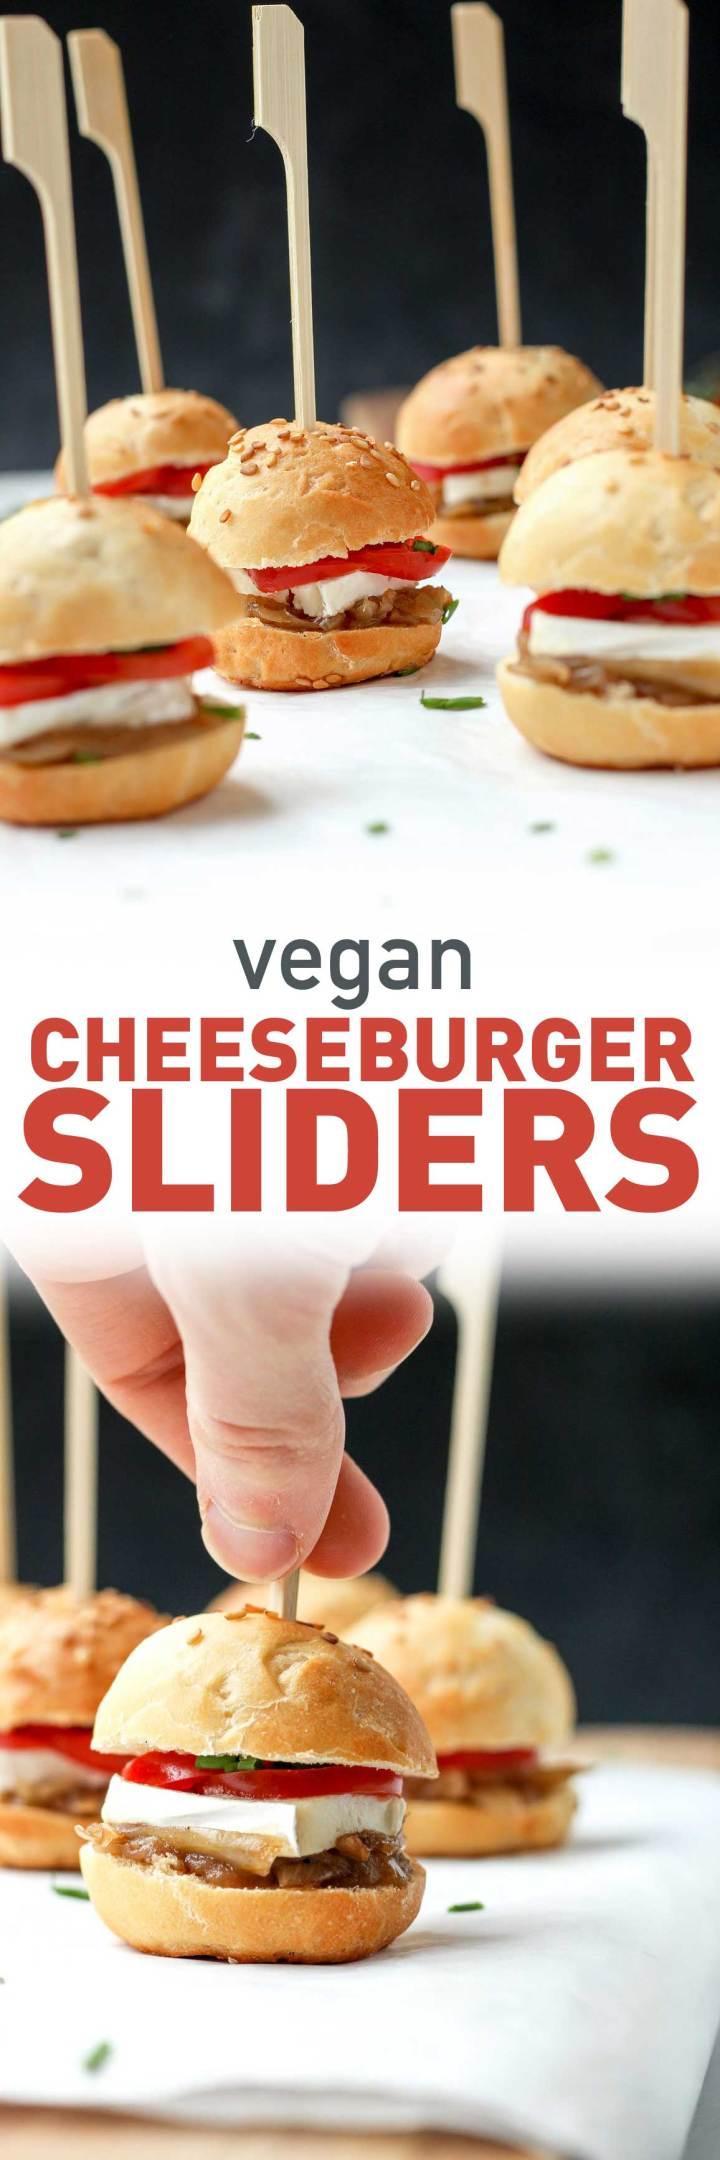 Vegan Cheeseburger Sliders